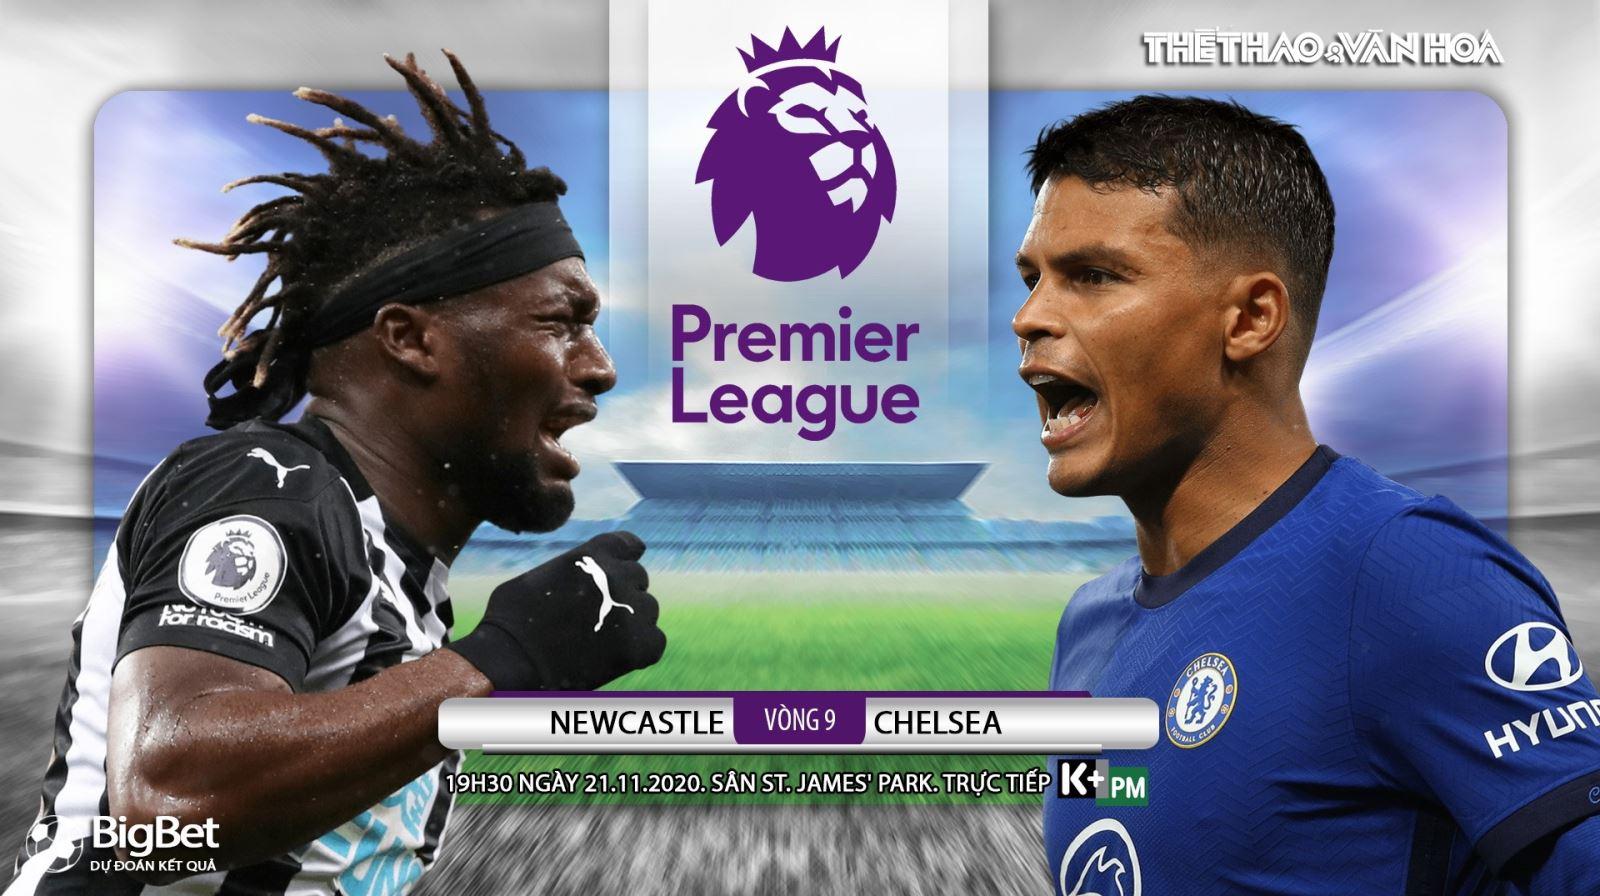 TRỰC TIẾP Newcastle vs Chelsea, K+PM, Truc tiep bong da, Newcastle vs Chelsea, Ngoại hạng Anh, trực tiếp bóng đá Anh, xem bóng đá trực tuyến Chelsea đấu với Newcastle